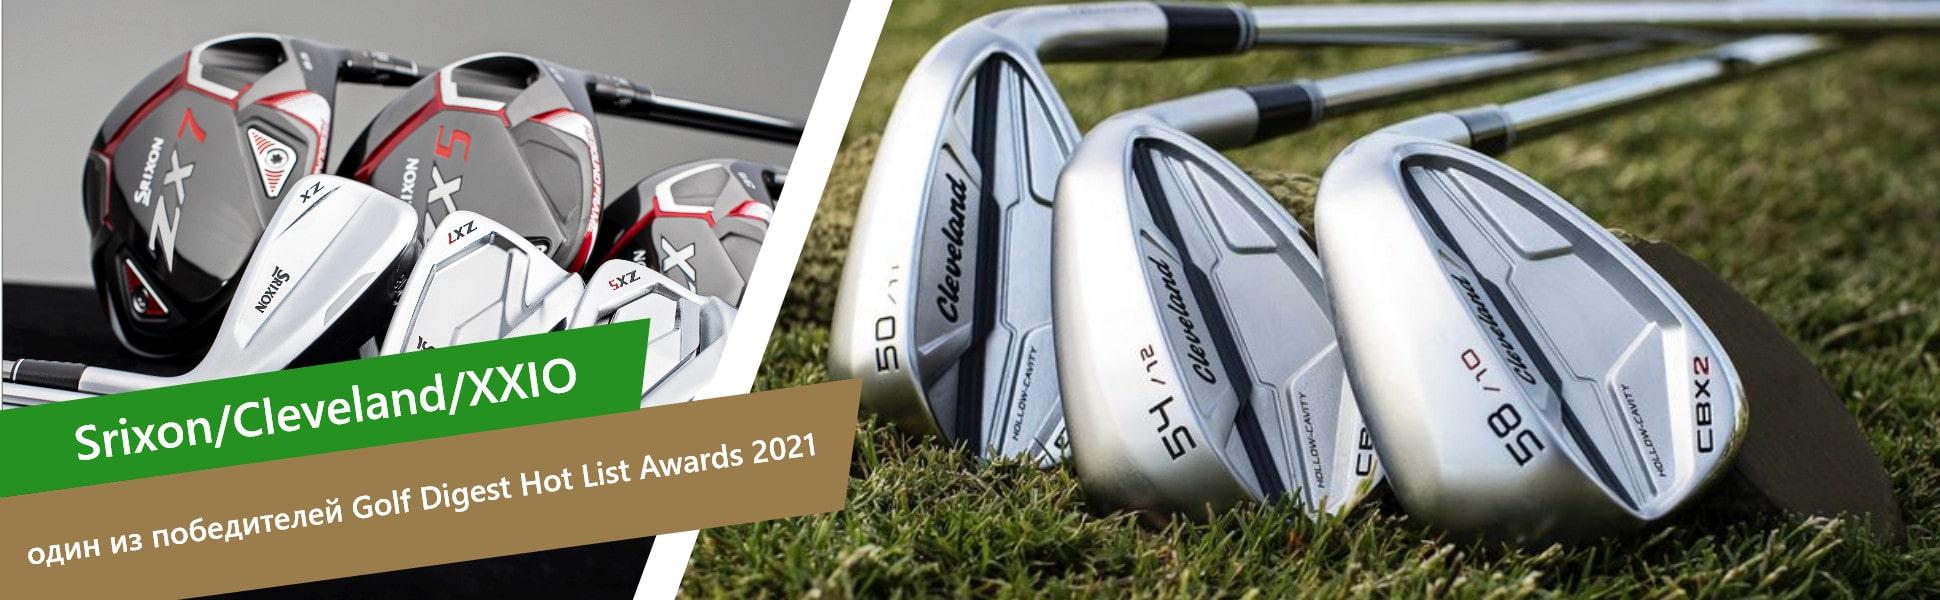 Golf Digest Hot List Awards 2021